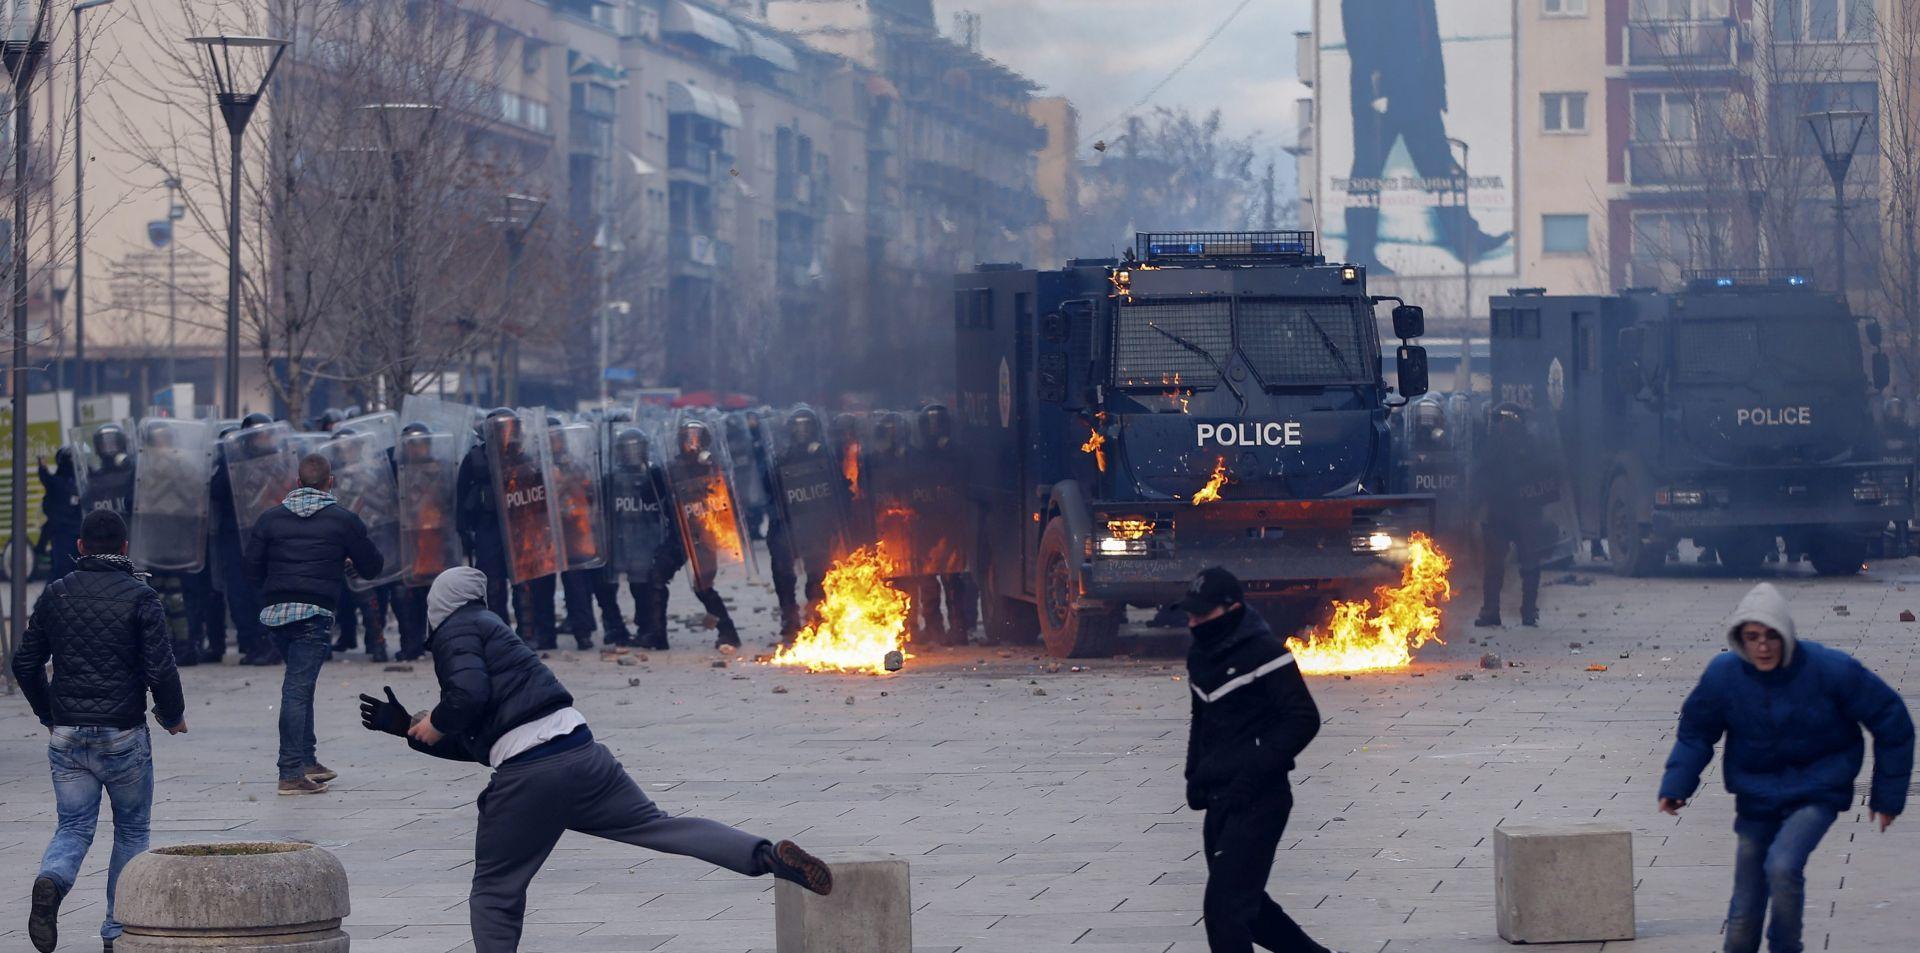 PROSVJEDI U PRIŠTINI: Molotovljevi kokteli izazvali požar u zgradi vlade